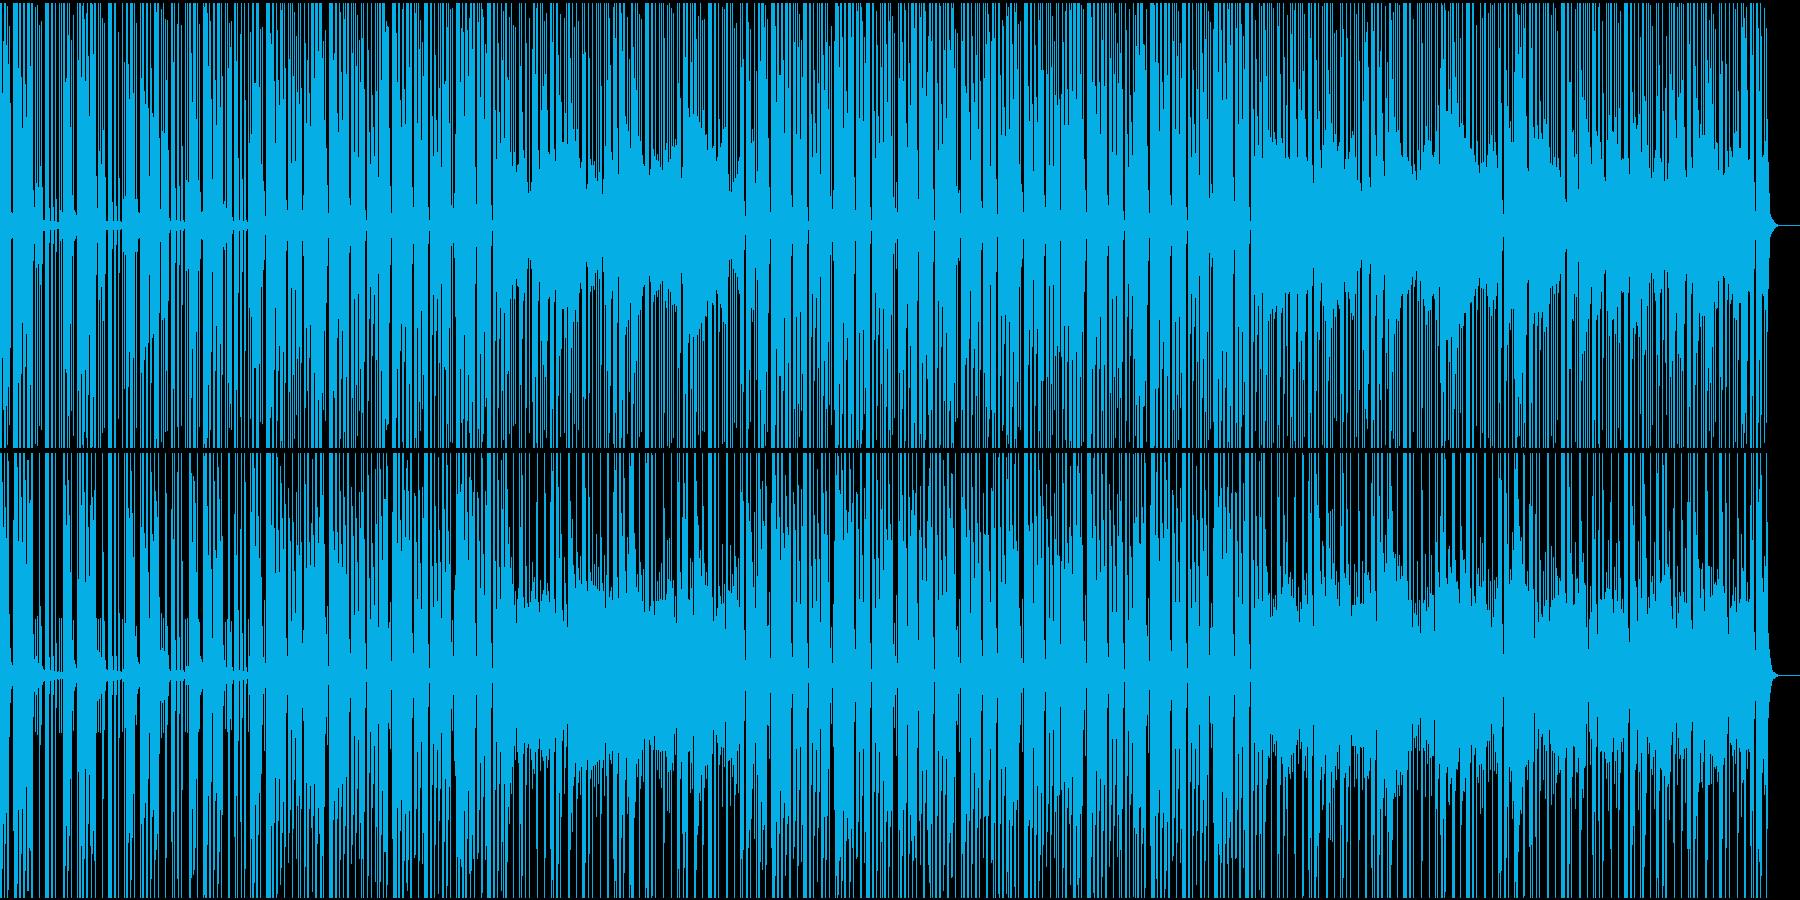 穏やかな青空を感じる電子音楽の再生済みの波形